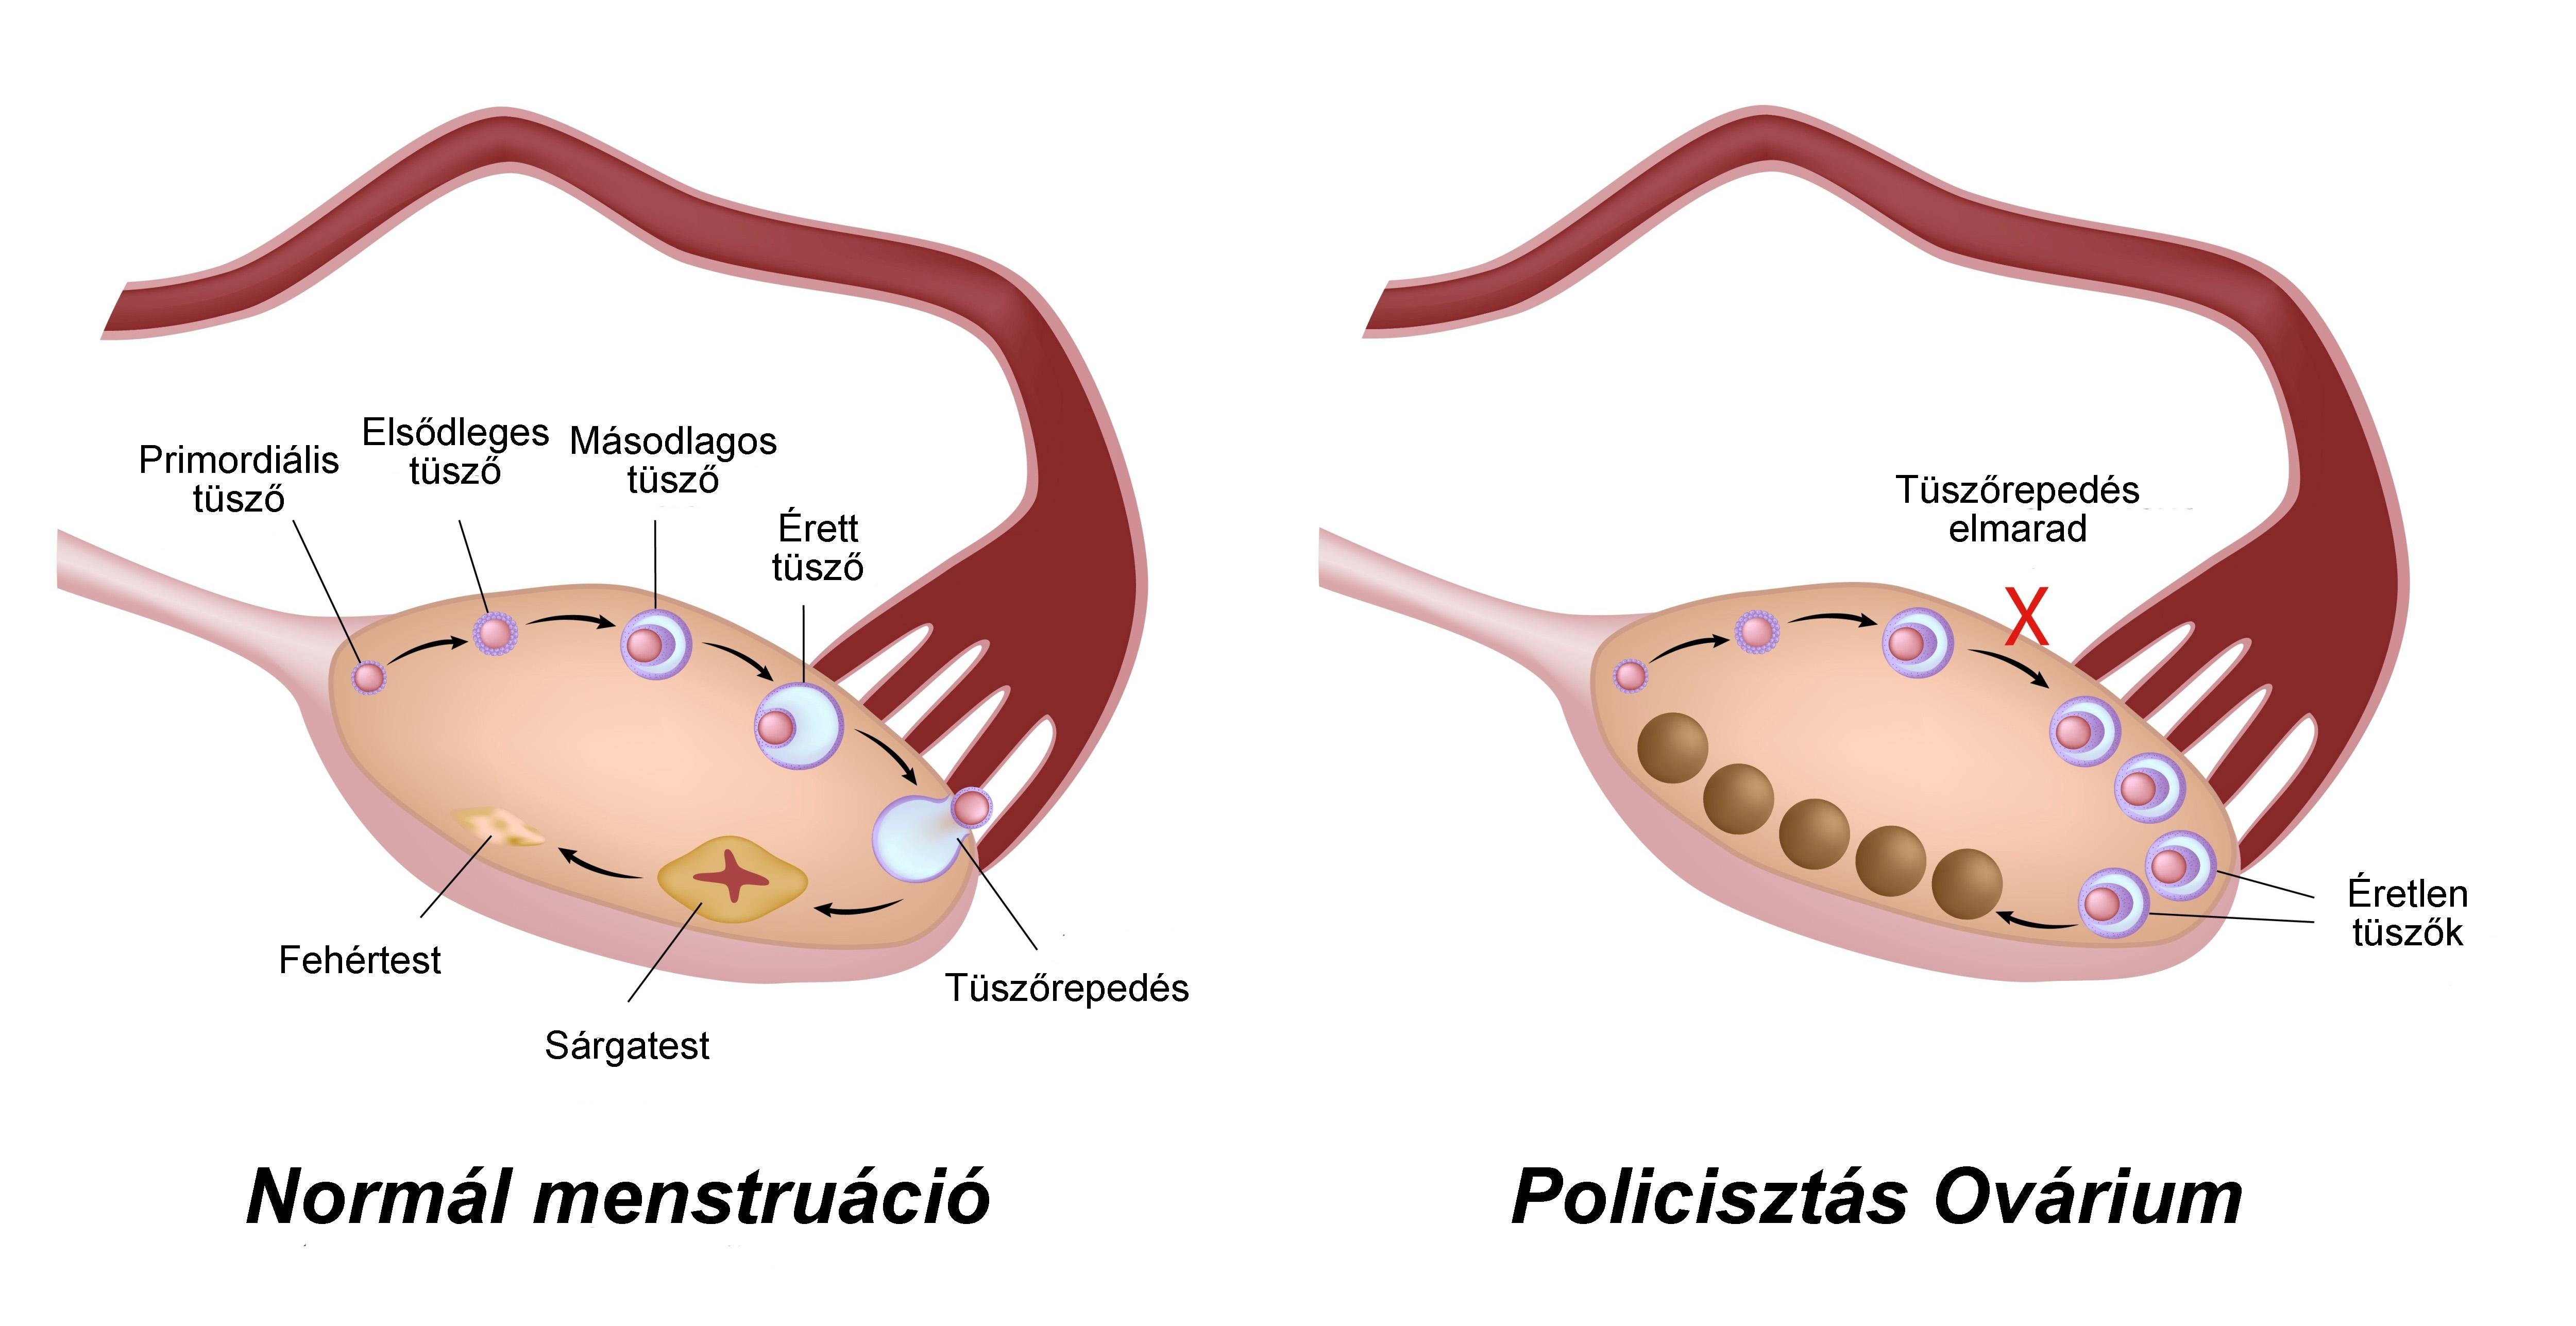 feltételezett petefészekgyulladás hyperopia szemészet